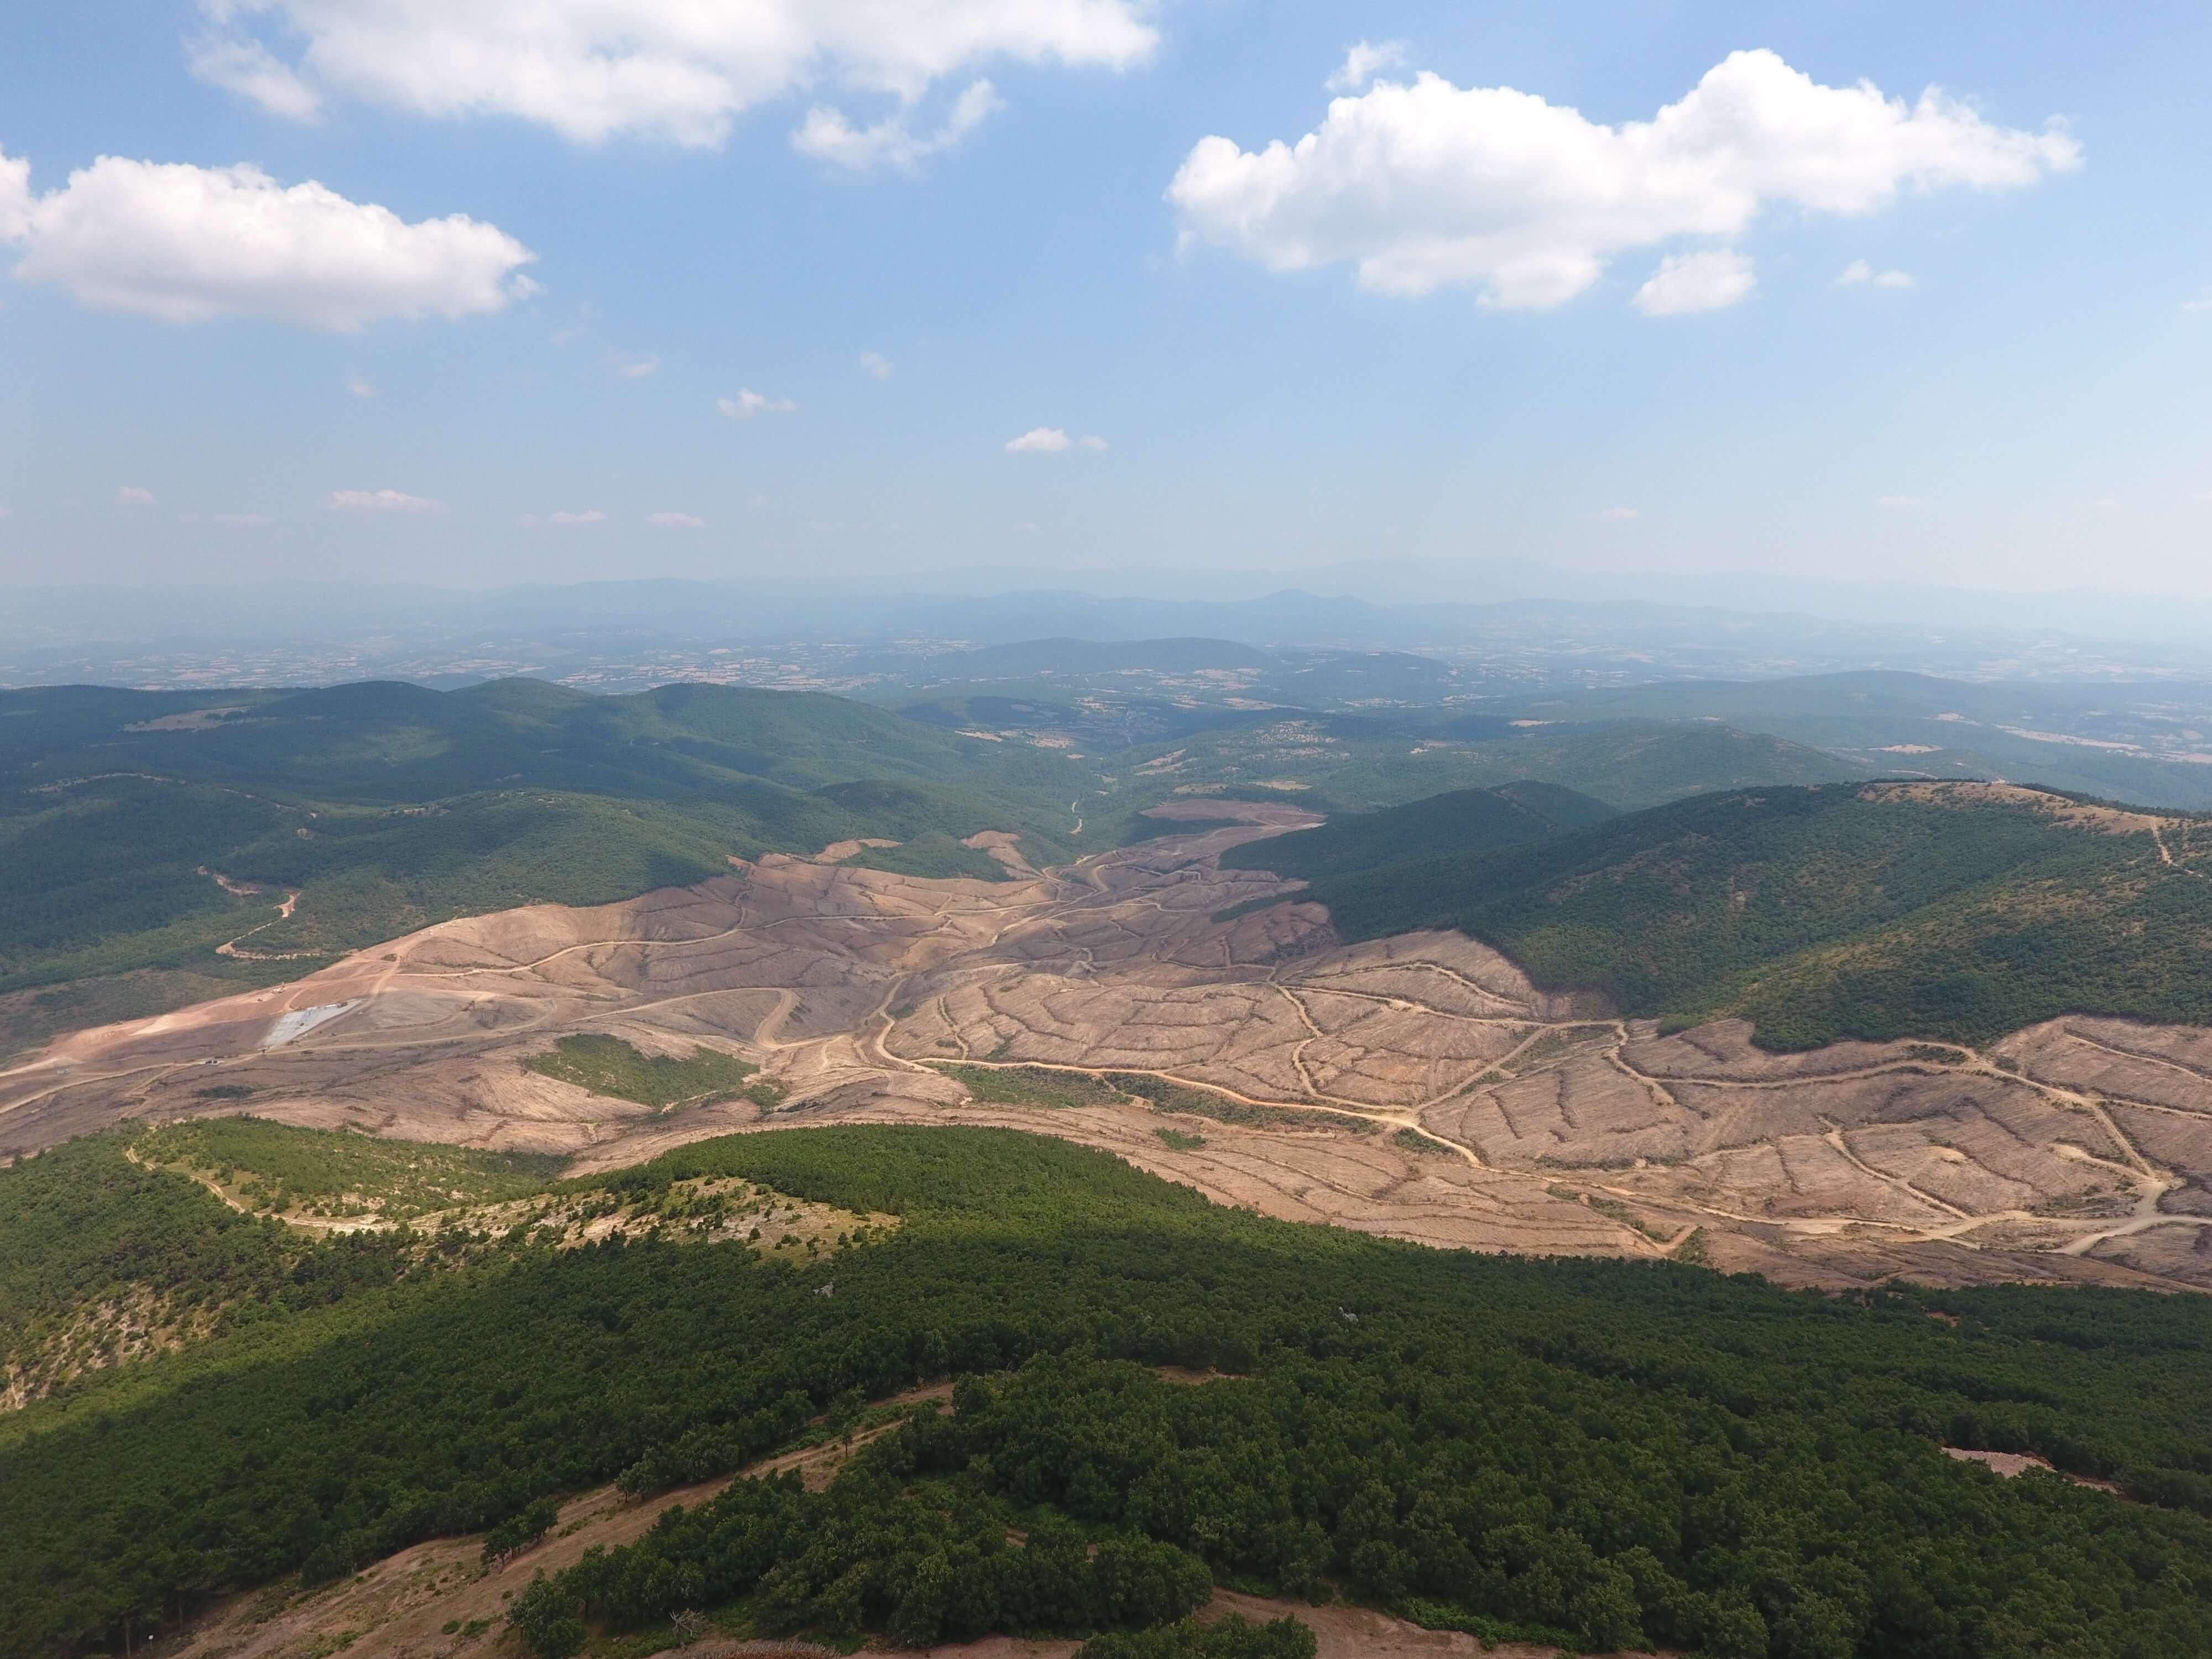 """Ruhsat süresi dolduğu için Kazdağları'ndaki altın arama faaliyeti durdurulan Alamos Gold şirketinden açıklama: """"Yerel halk projeye destek veriyor"""""""